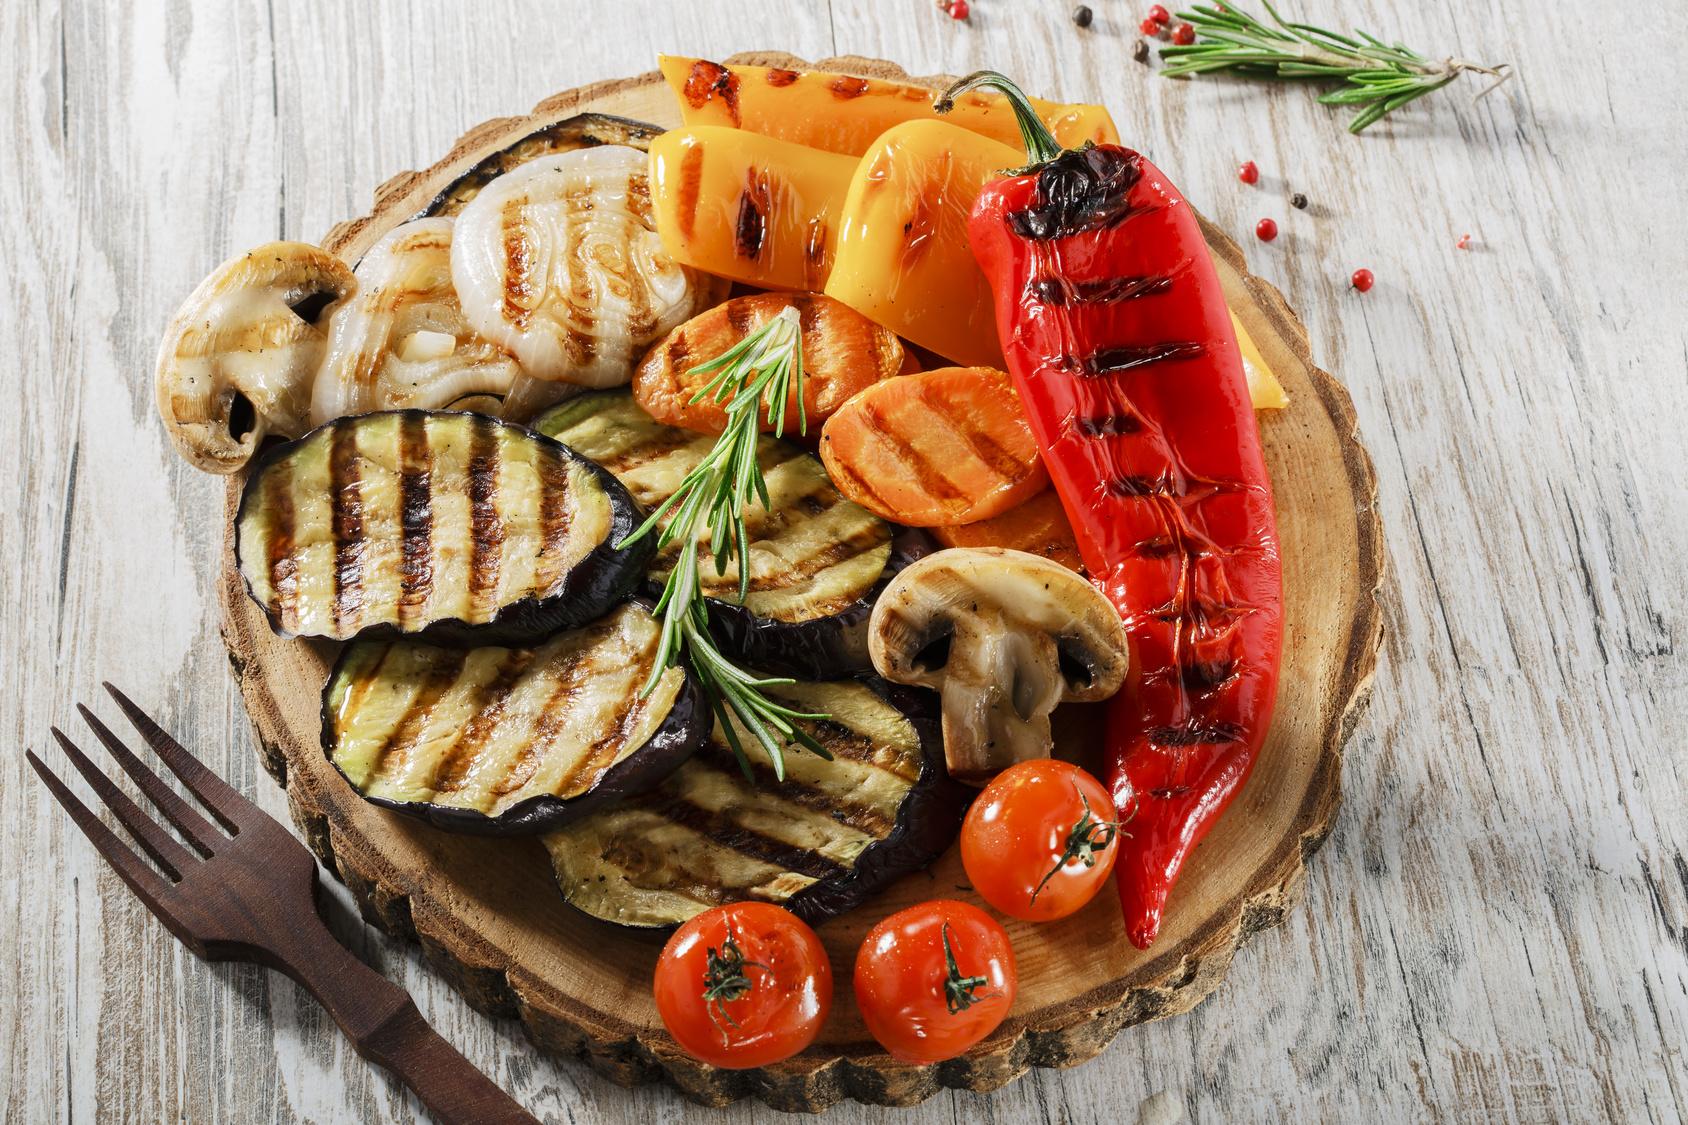 Barbecue : comment en profiter sainement ?